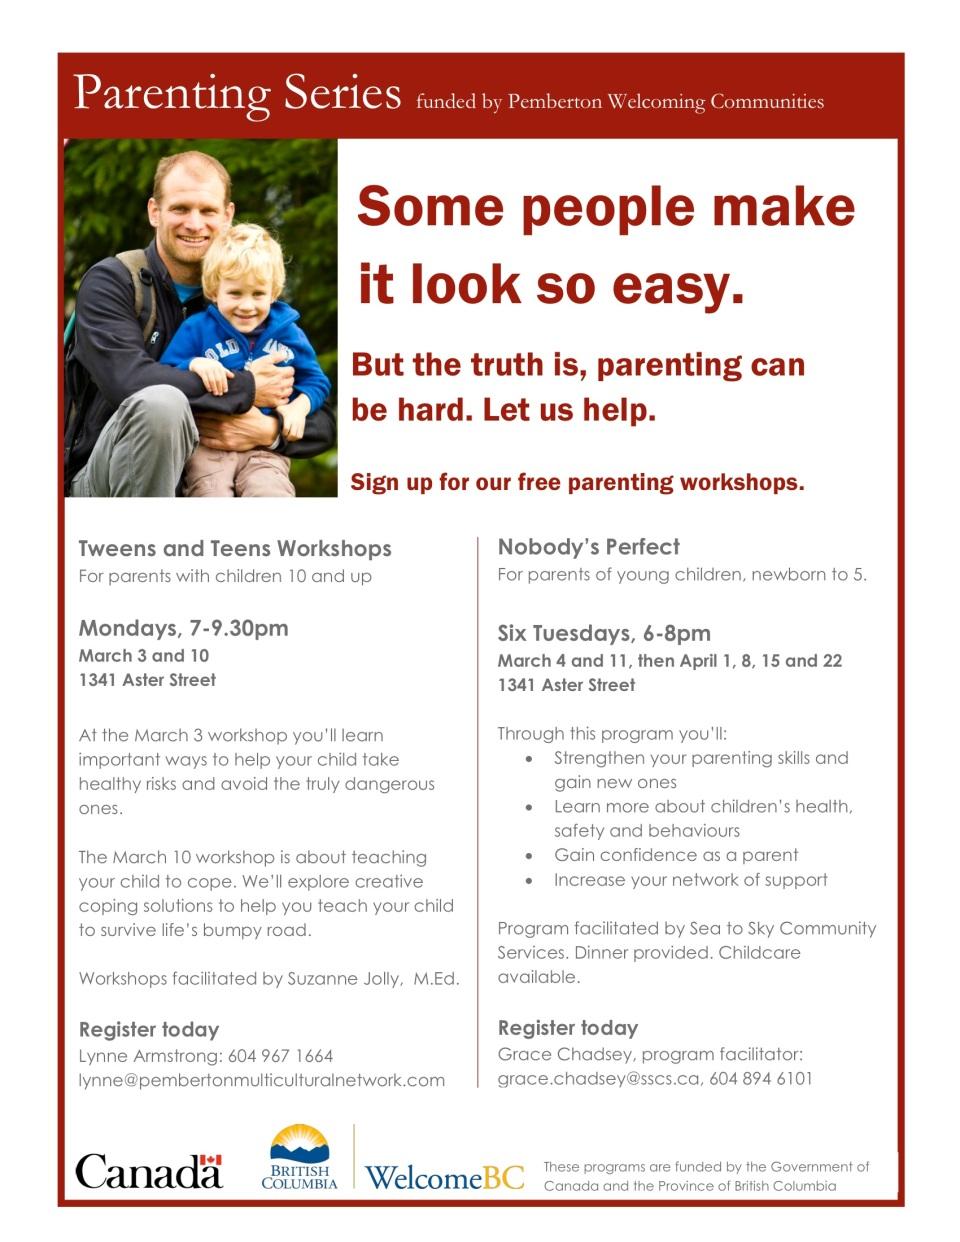 Pemberton Welcoming Communities parenting series